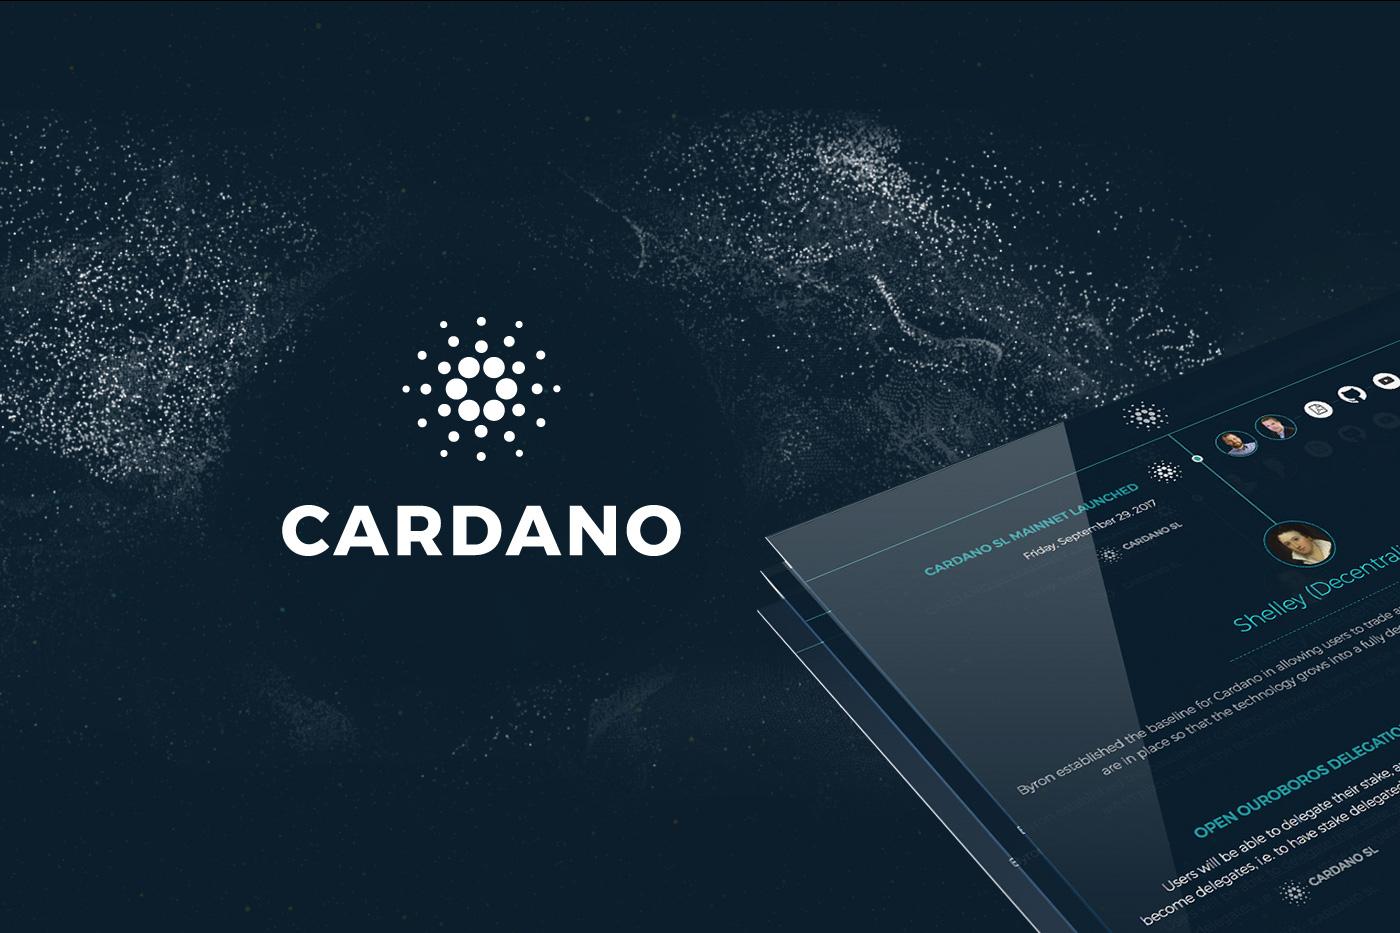 Cardano Guide